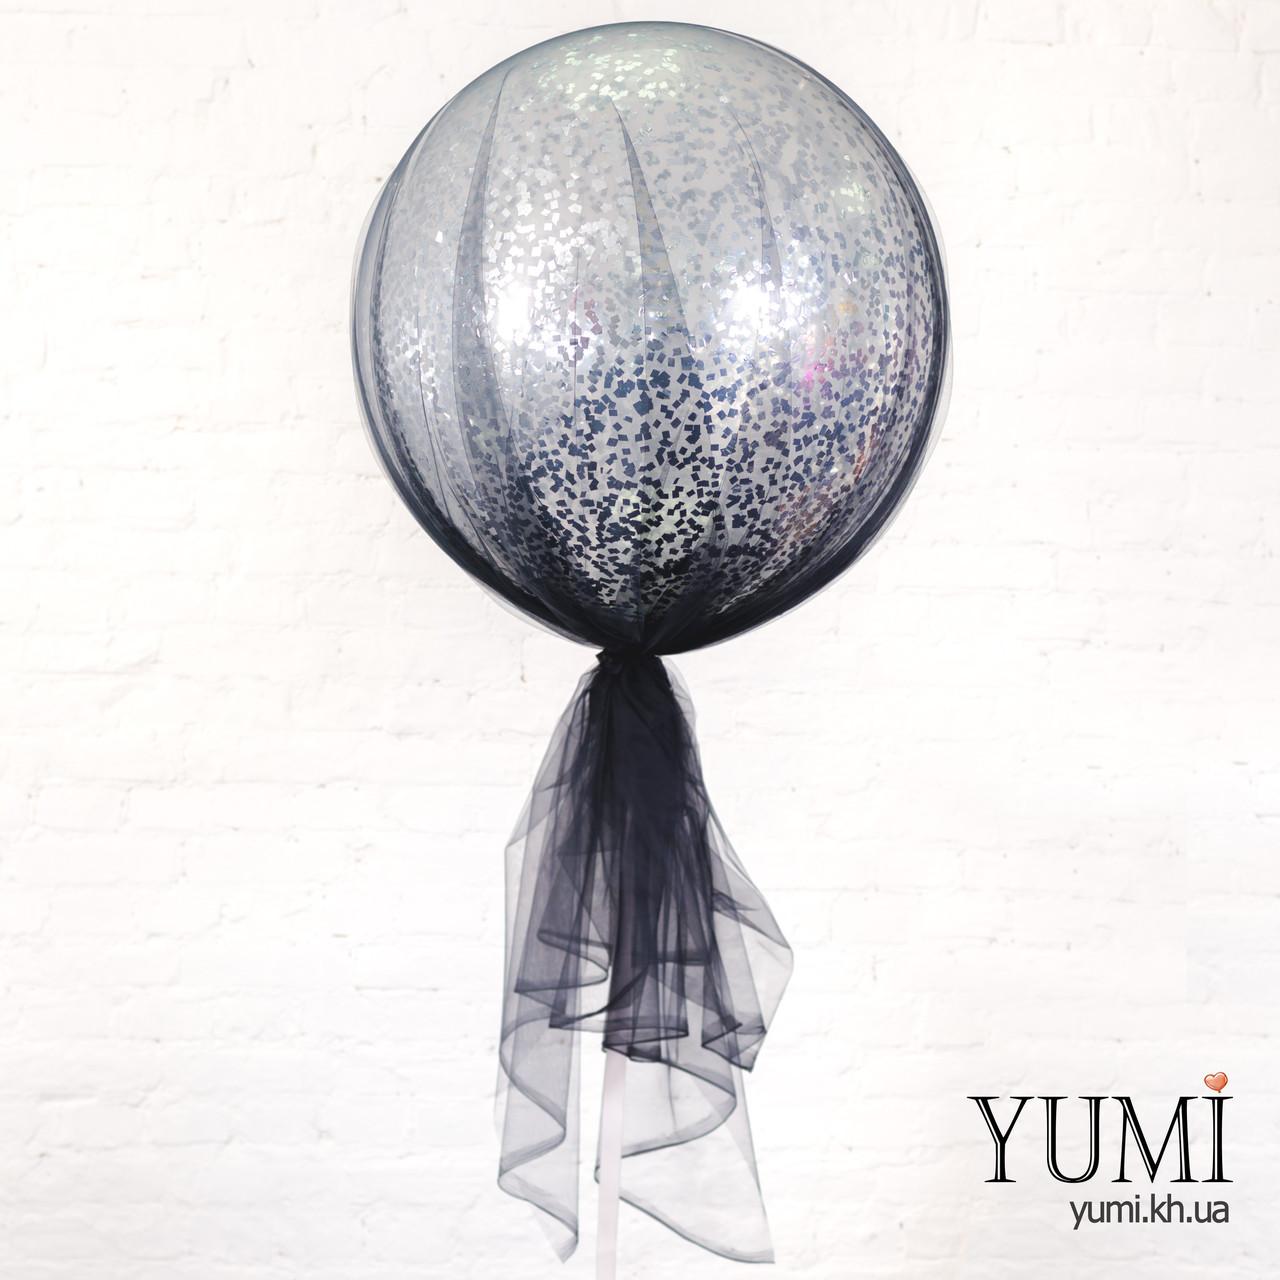 Стильный шар-гигант конфетти и фатином